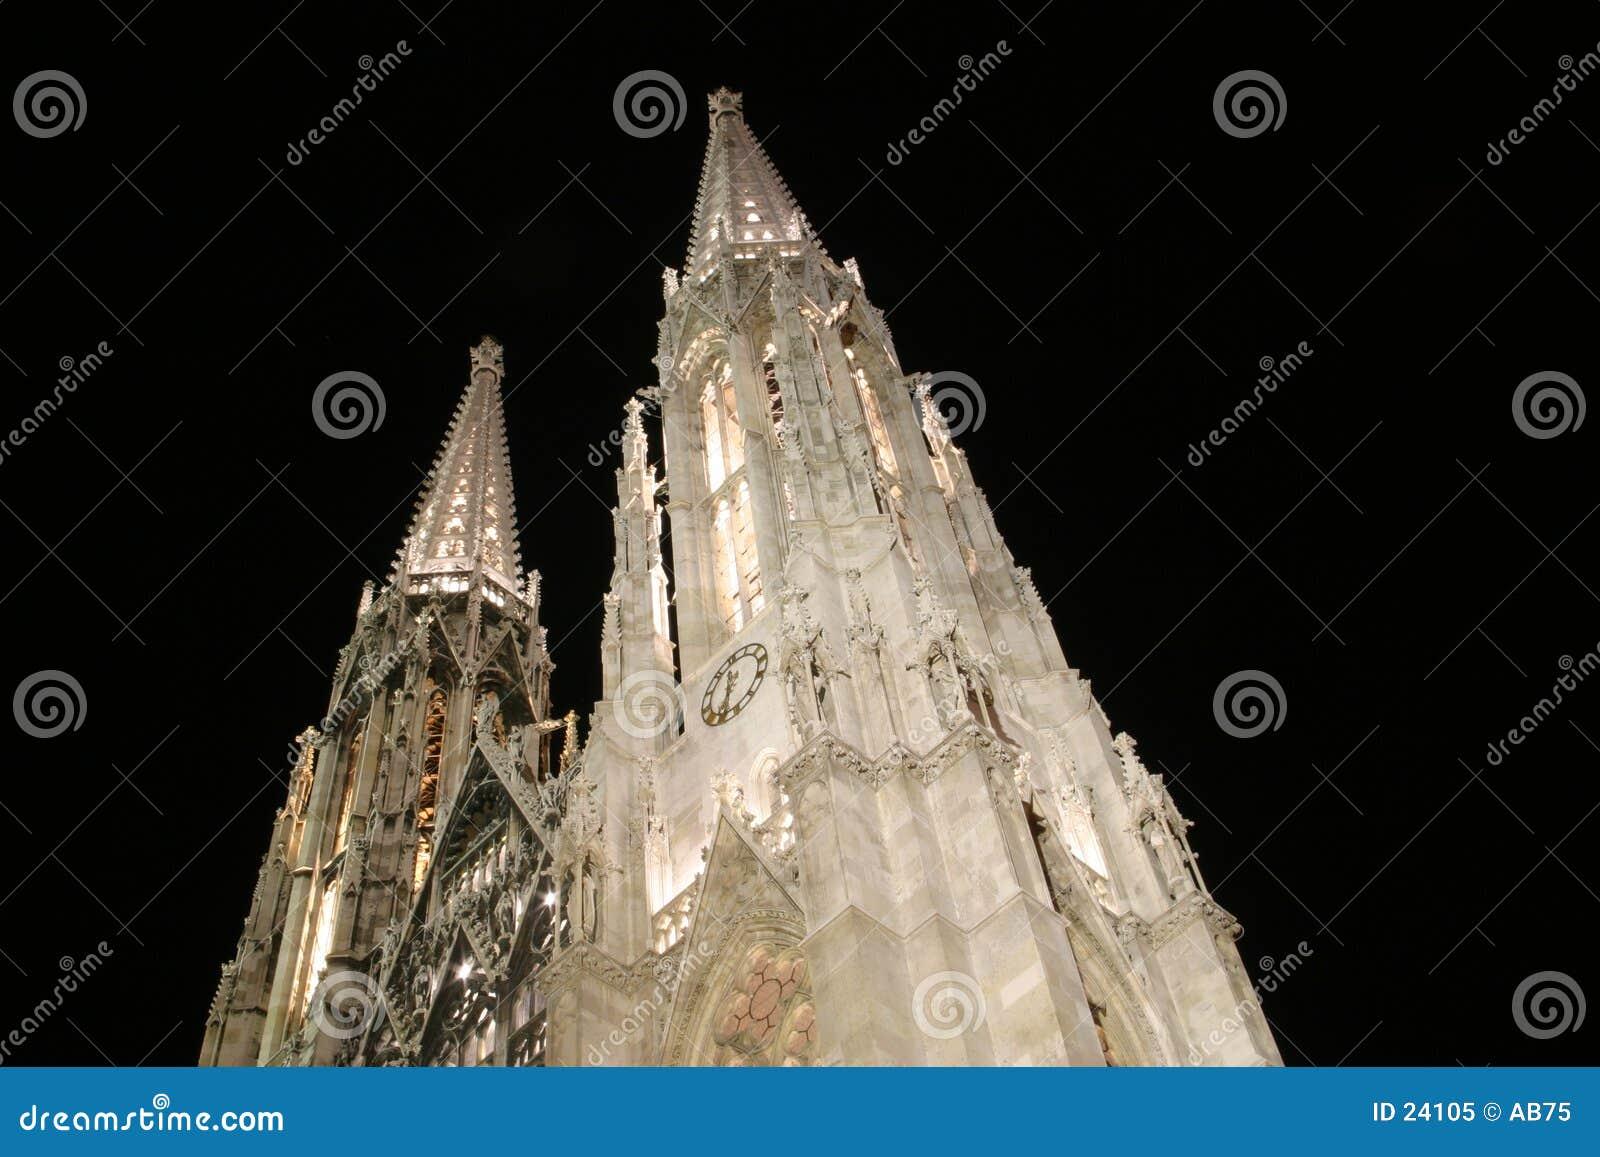 Kerk in Wenen - Votiv Kirche